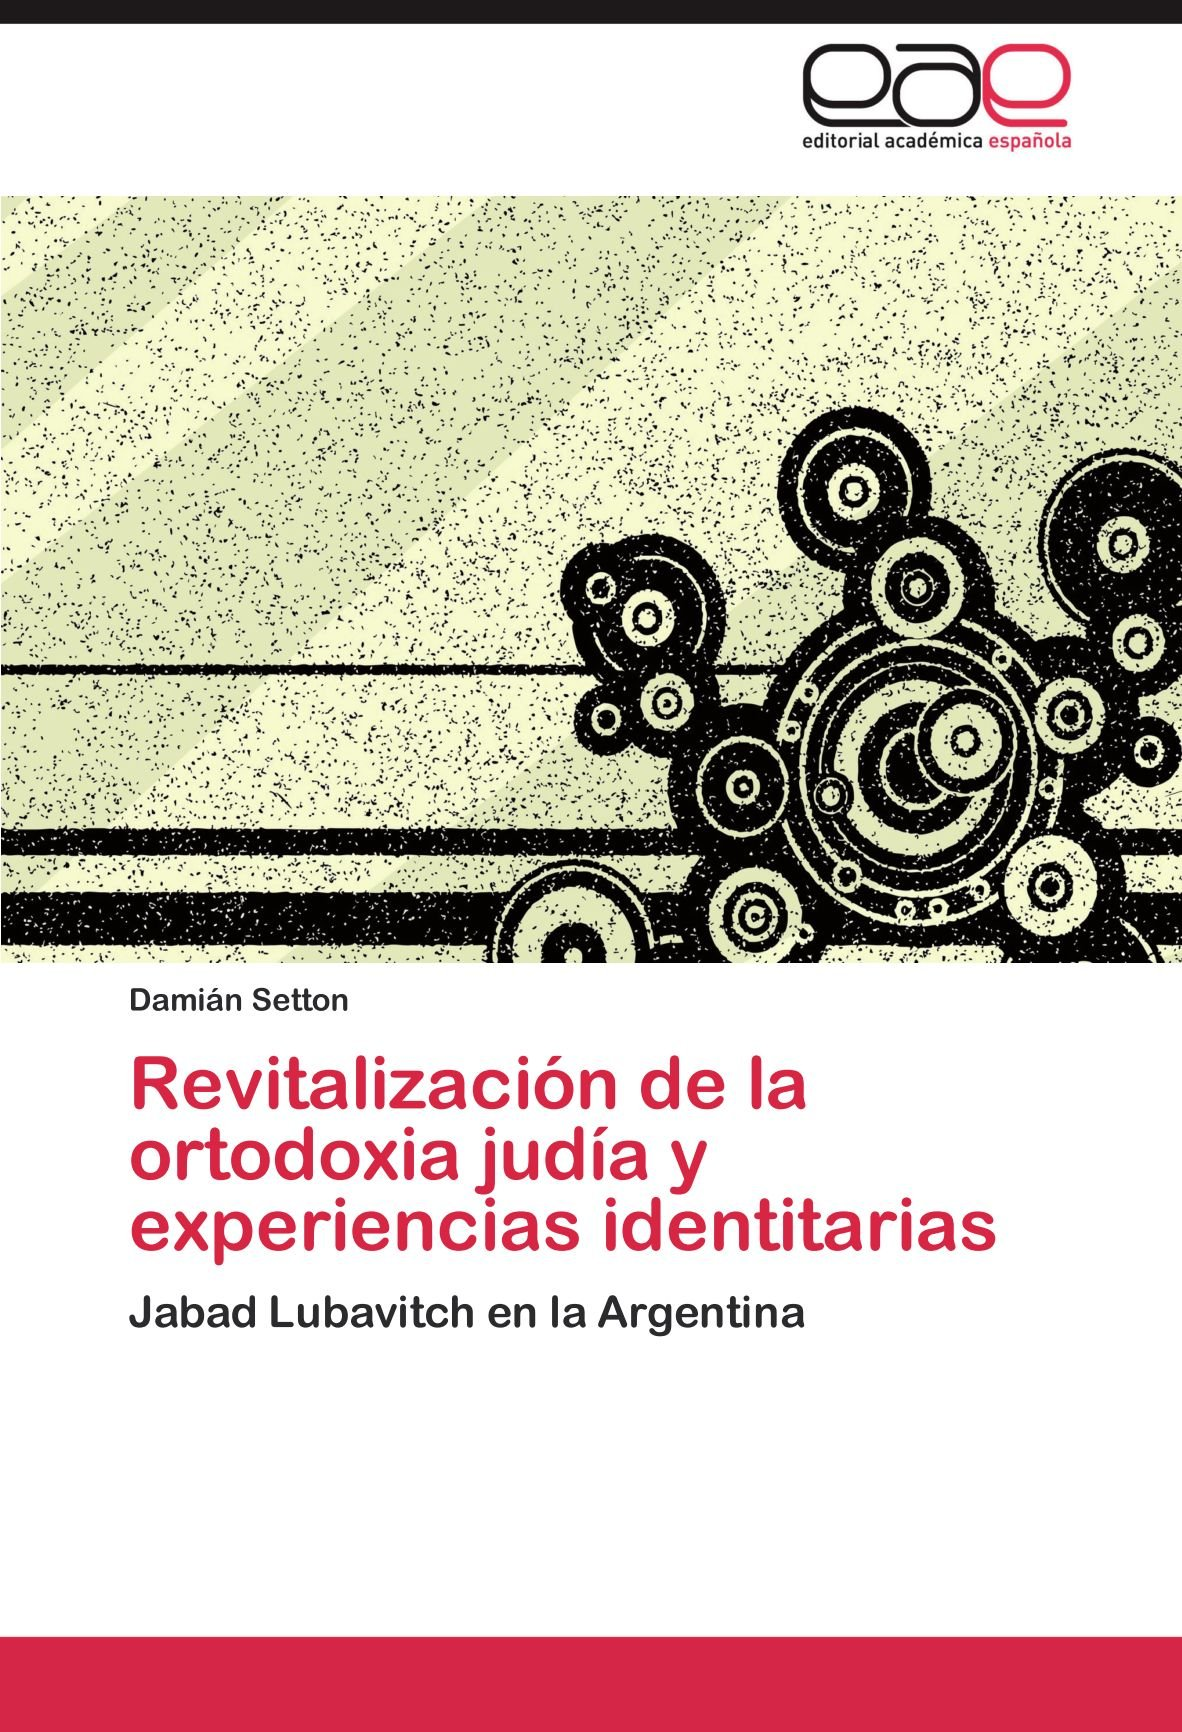 Revitalización de la ortodoxia judía y experiencias identitarias: Jabad Lubavitch en la Argentina (Spanish Edition): Damián Setton: 9783846567432: ...